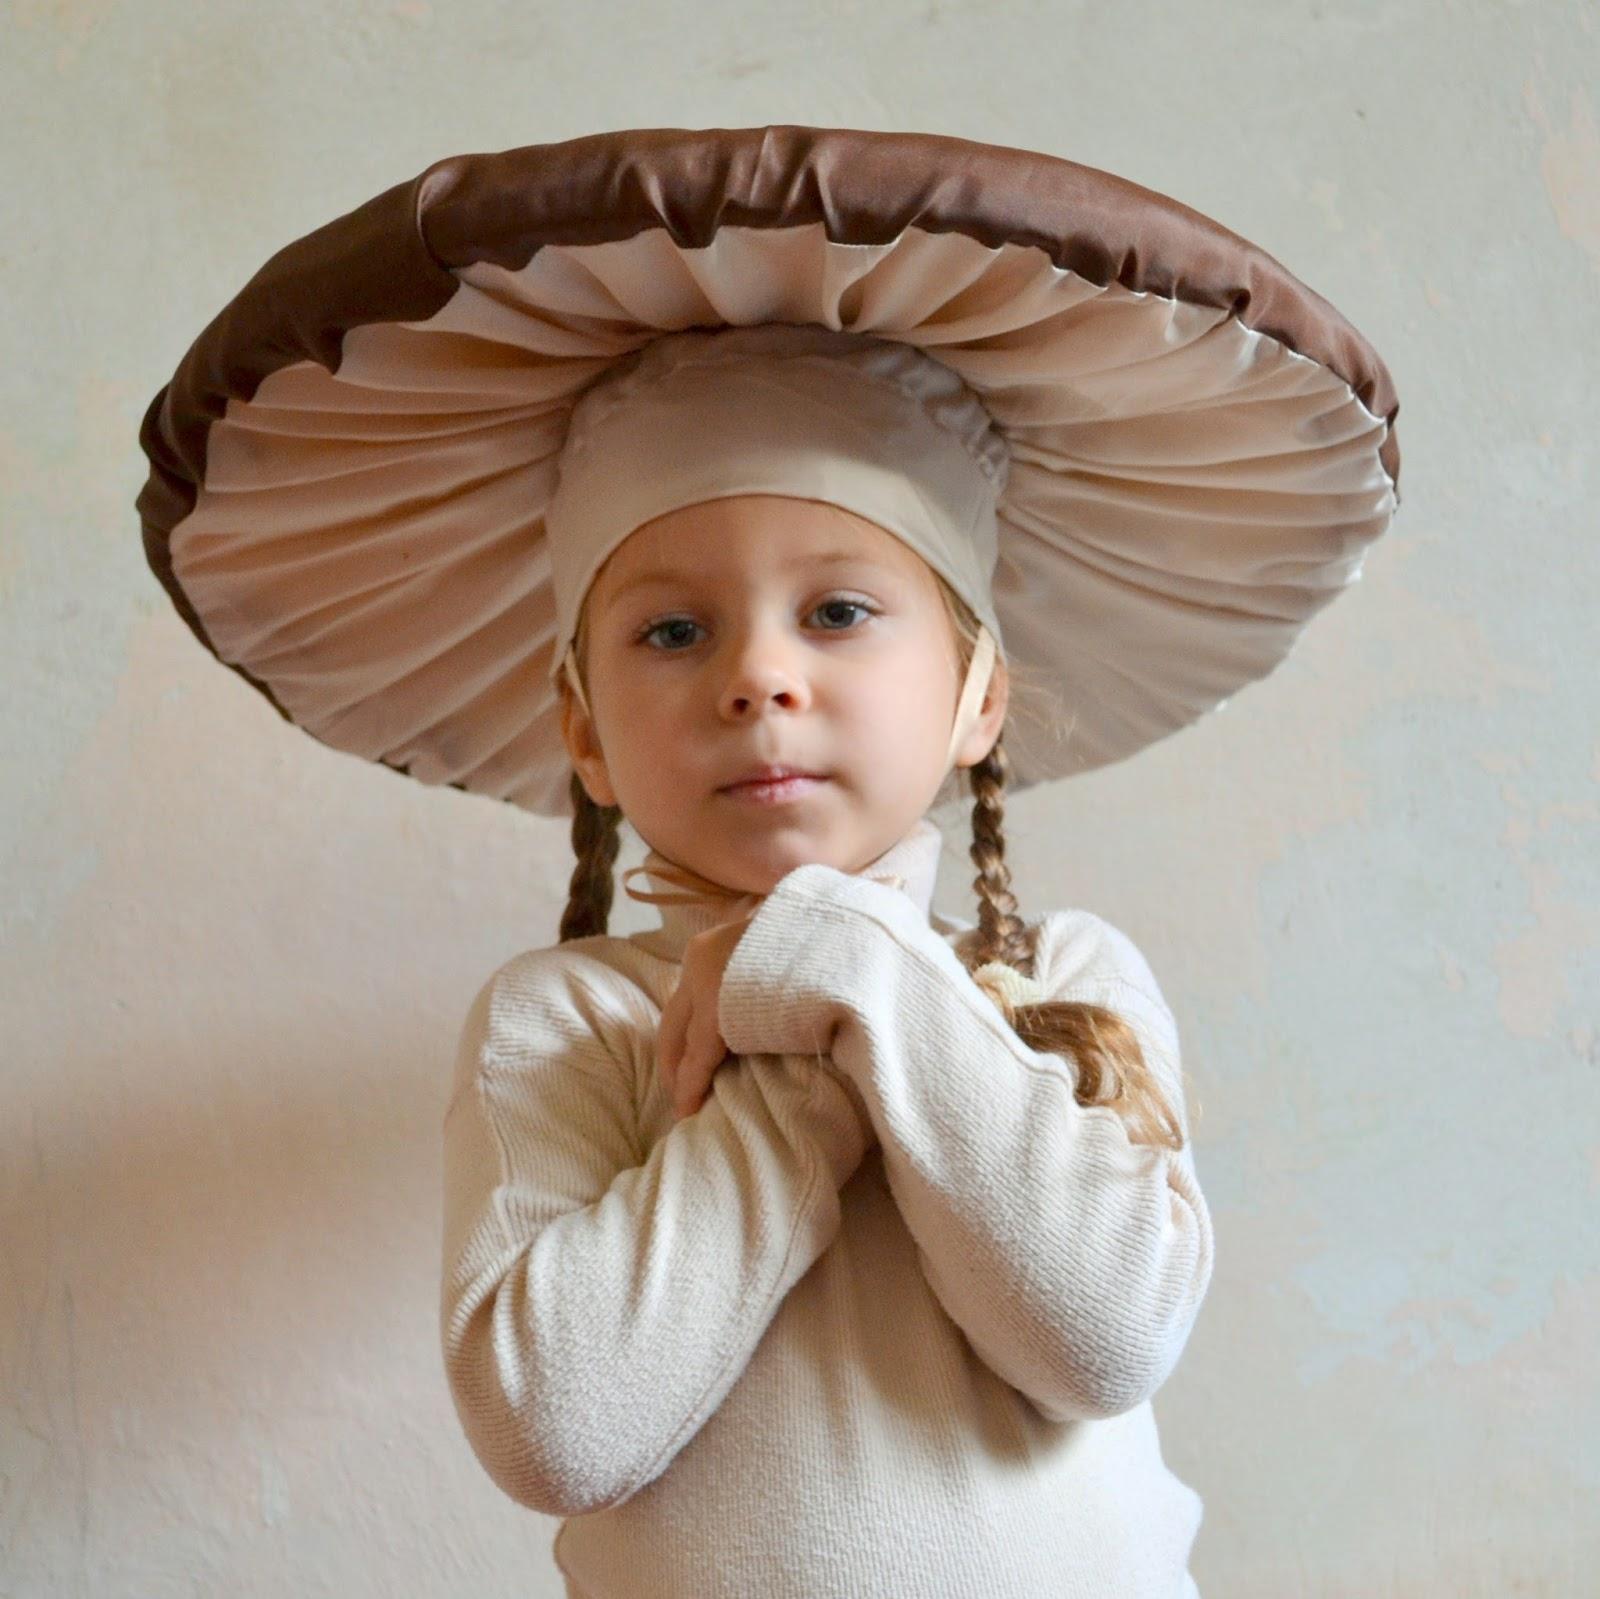 moya-devushka-soglasilas-popozirovat